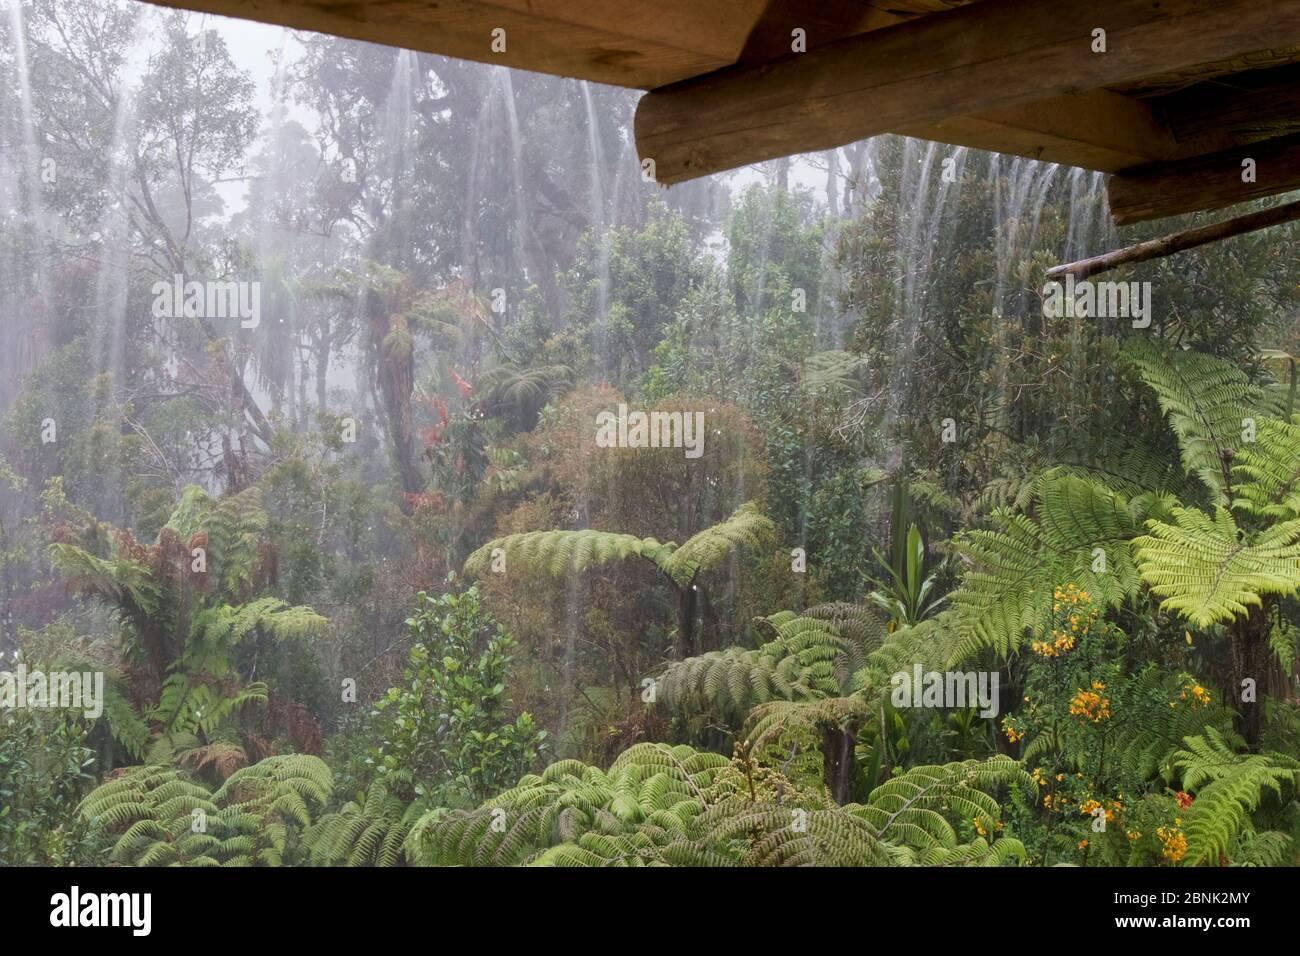 Pluie tombant du toit de la cabine. Kumul Lodge. Papouasie-Nouvelle-Guinée, septembre 2004. Banque D'Images